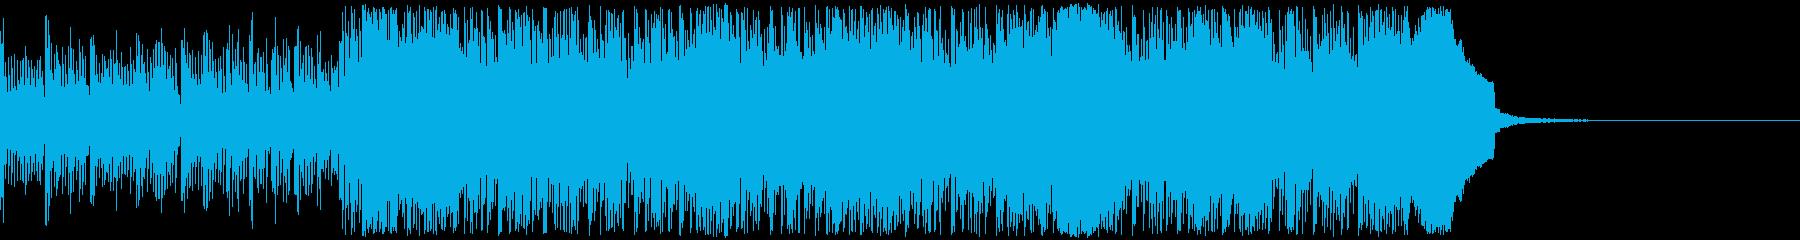 研究室で化学実験的なBGM_BGM003の再生済みの波形